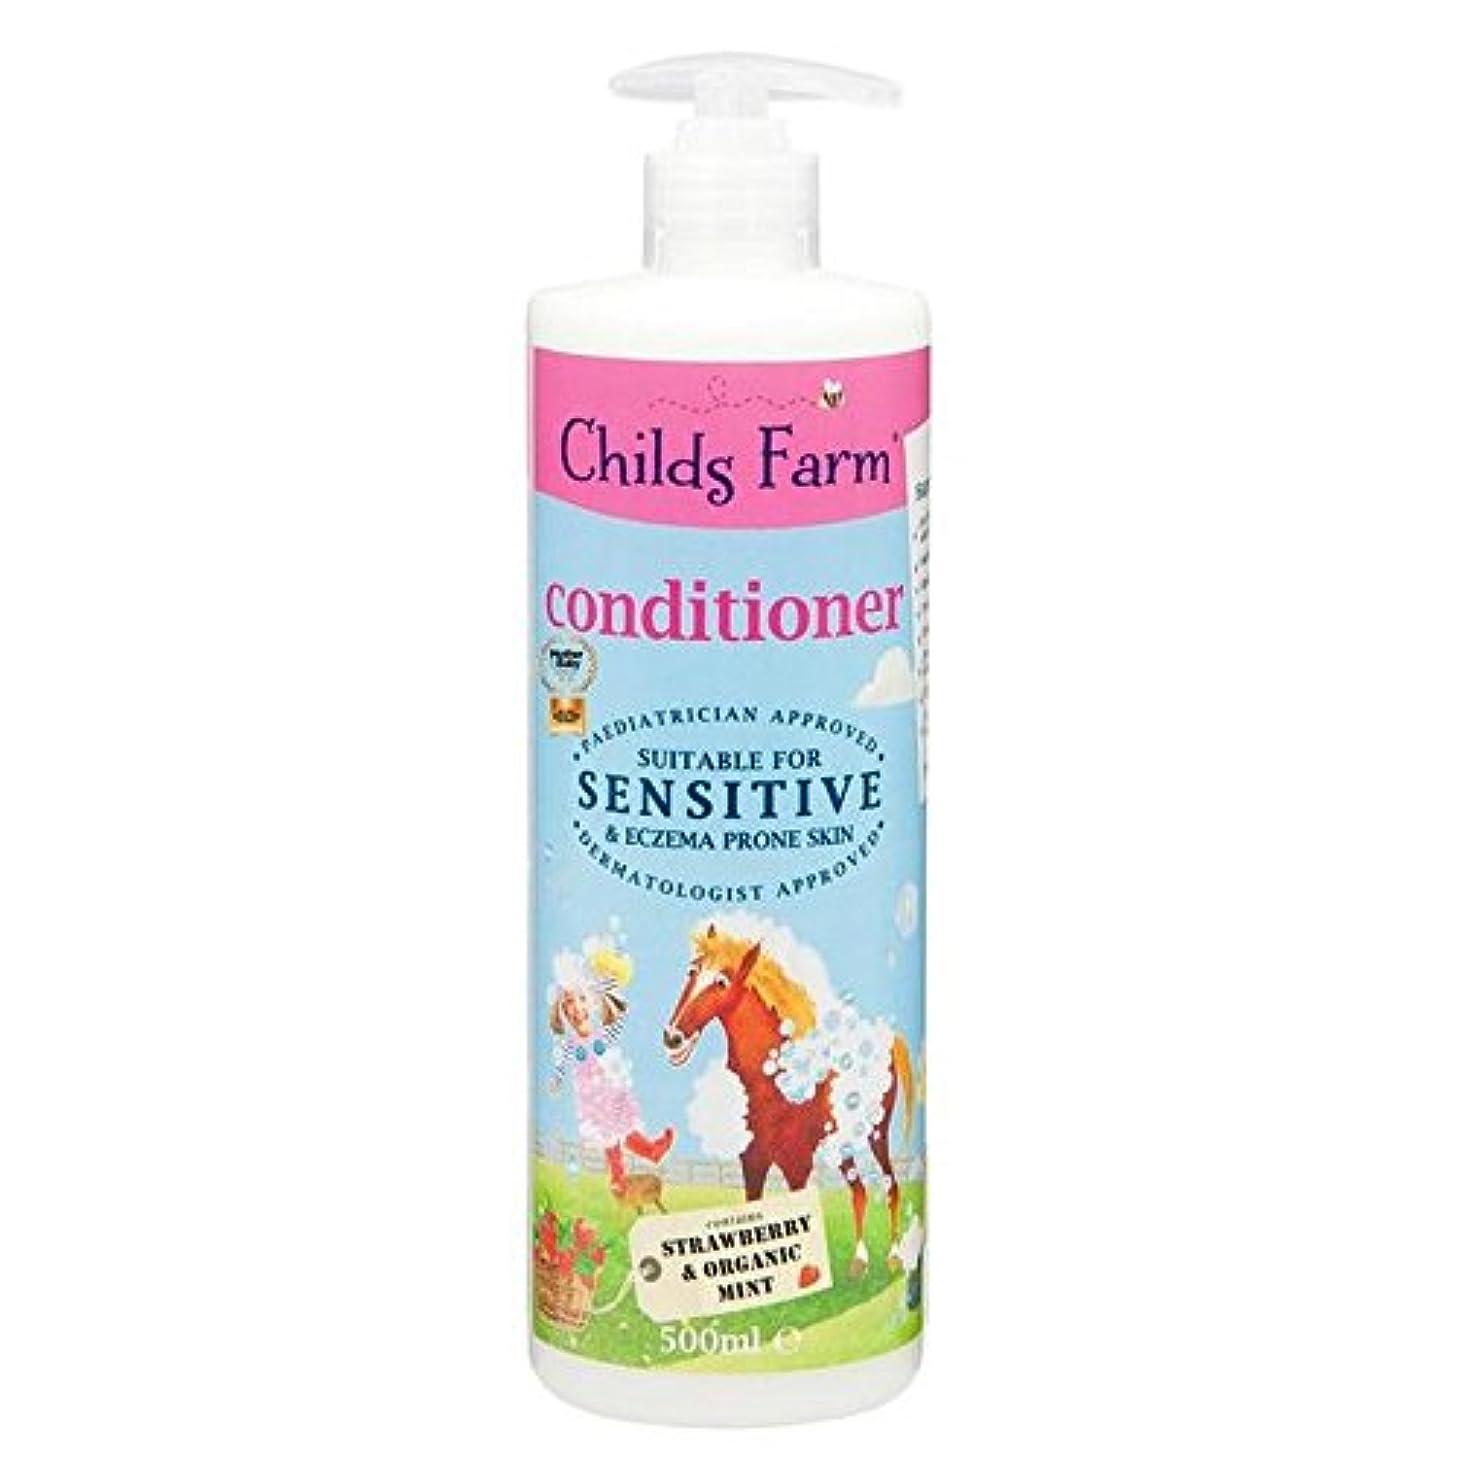 人事除外する人道的Childs Farm Conditioner for Unruly Hair 500ml (Pack of 6) - 手に負えない髪の500ミリリットルのためのチャイルズファームコンディショナー x6 [並行輸入品]